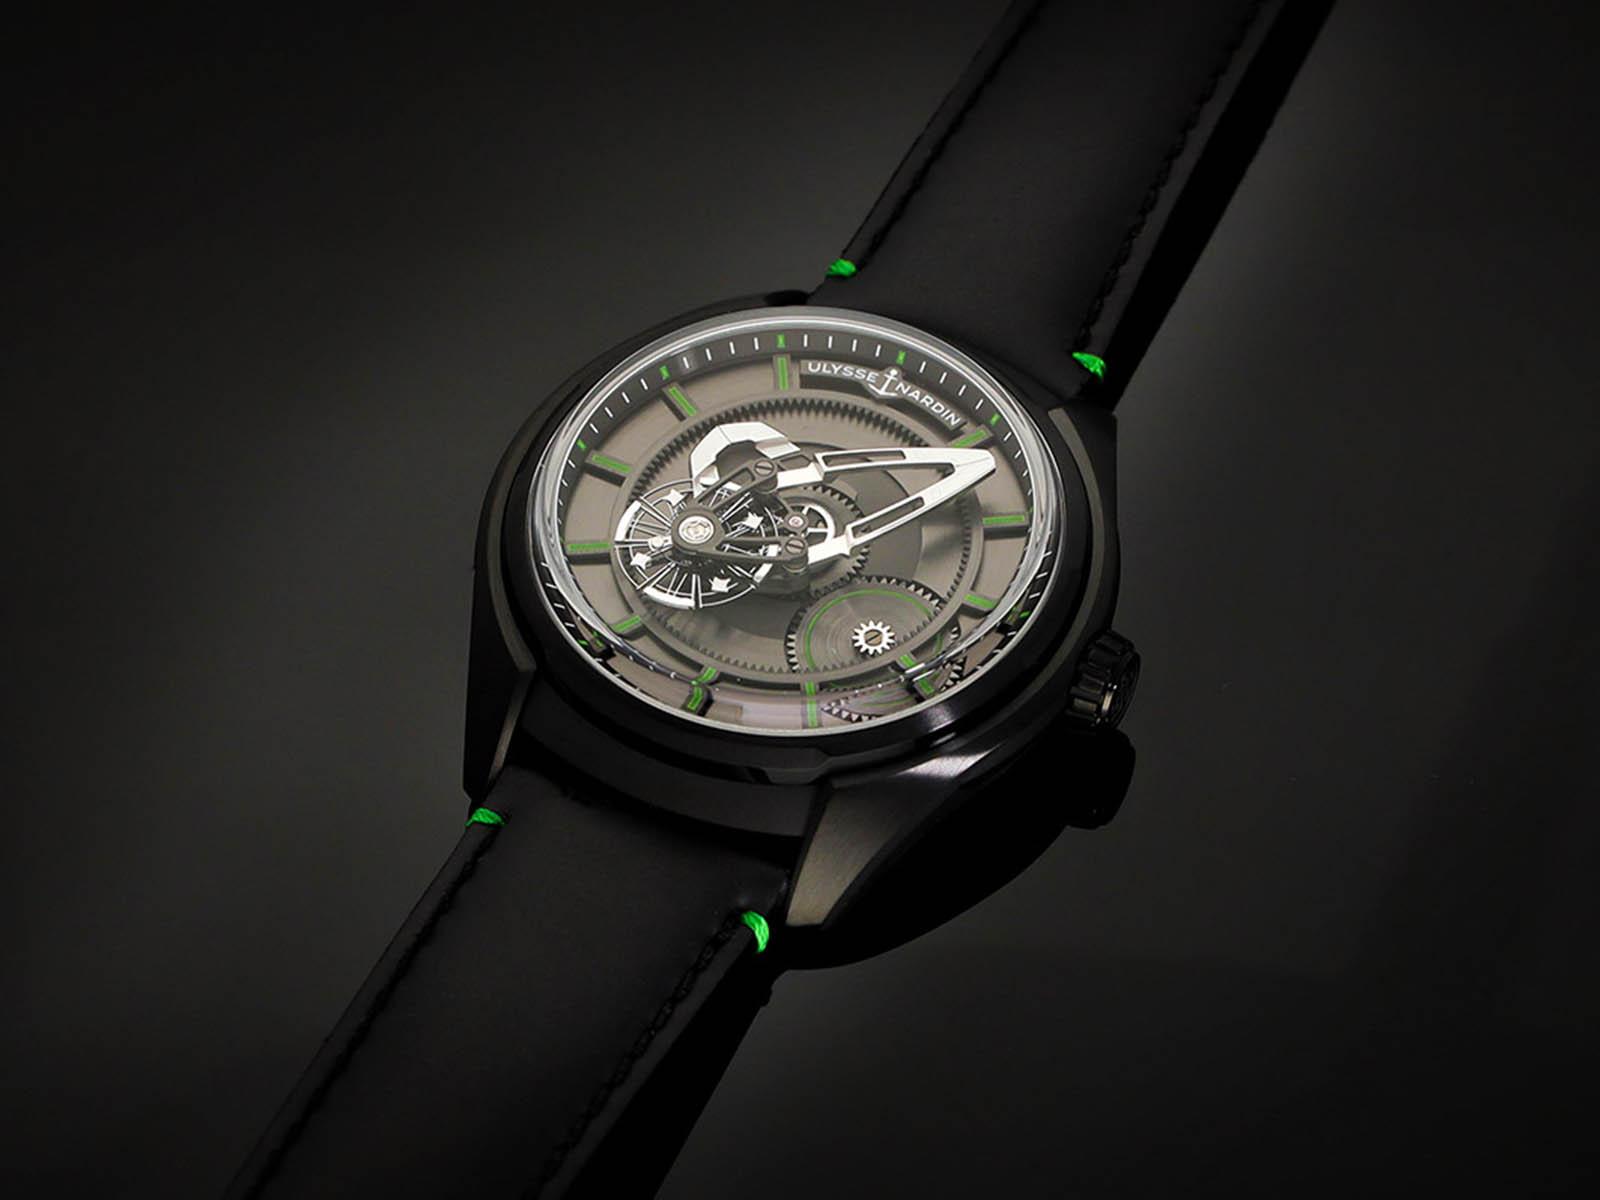 ulysse-nardin-freak-x-qatar-watch-club-edition-7.jpg